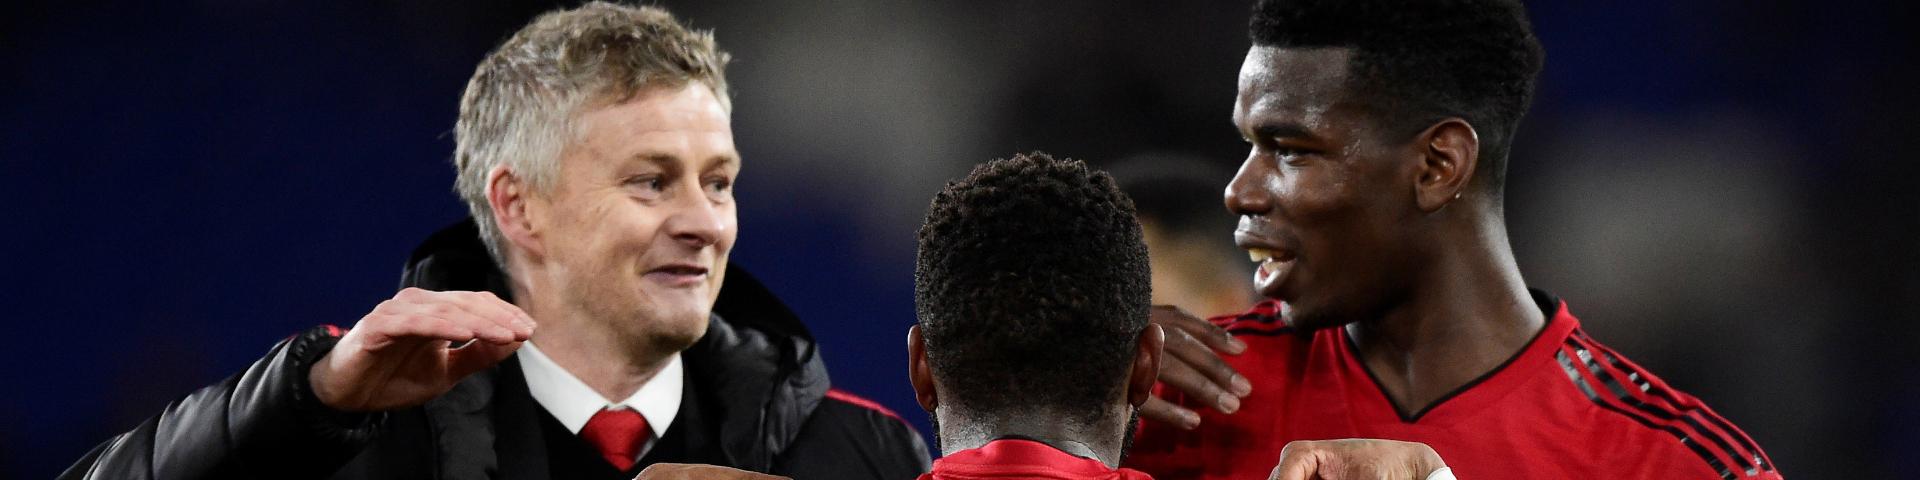 БК «Бетсити»: «Манчестер Юнайтед» не выйдет в Лигу чемпионов